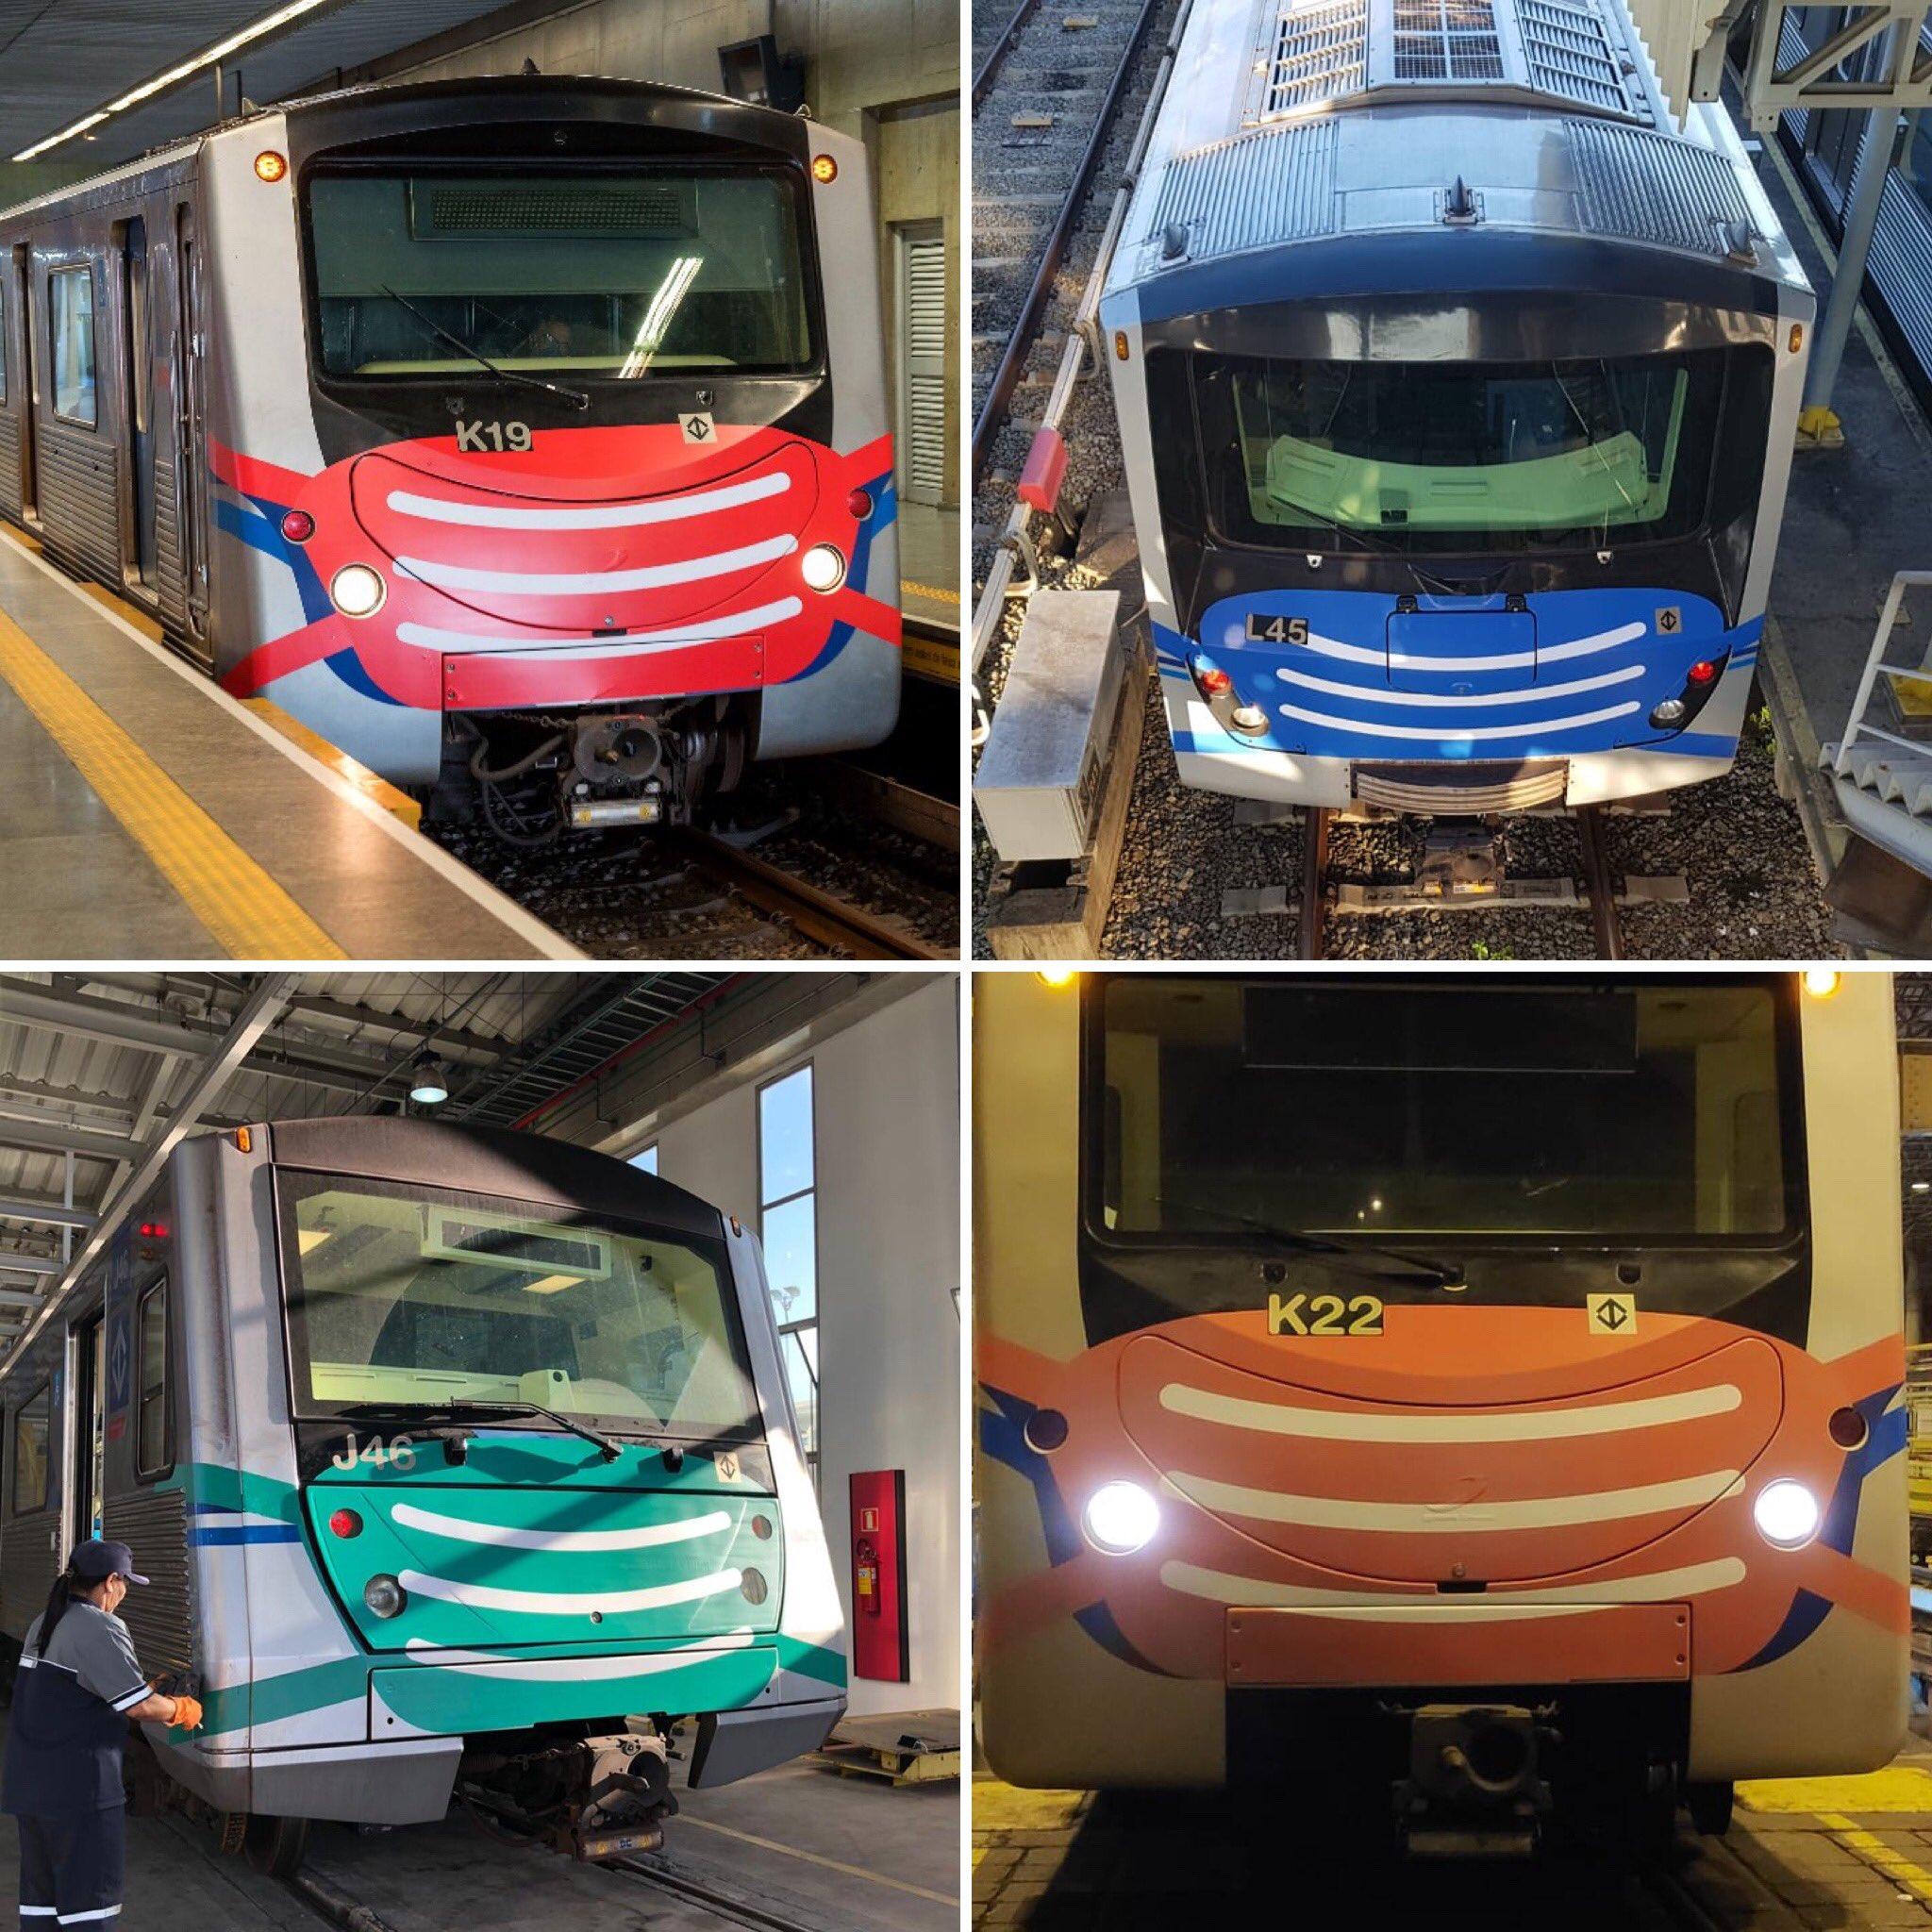 Covid-19: Trens do metrô de São Paulo 'ganham' máscaras | Direto da Redação